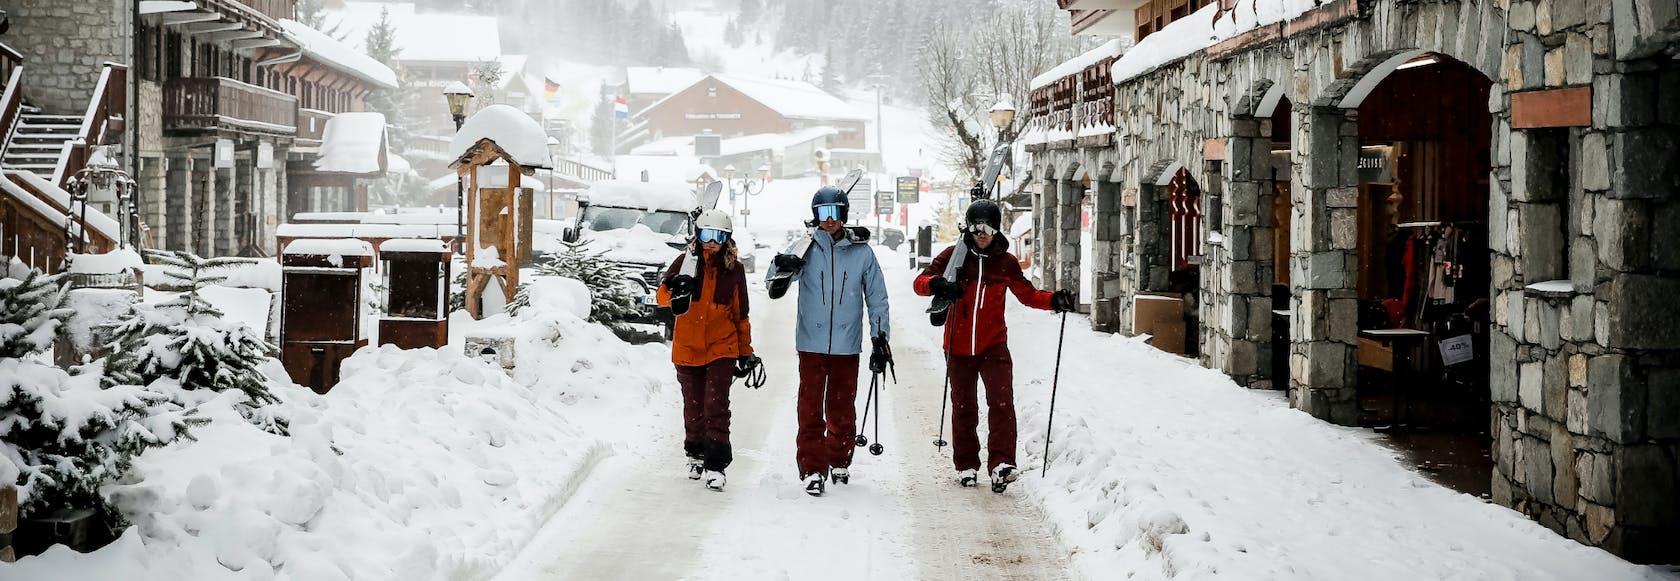 Salomon sci alpino